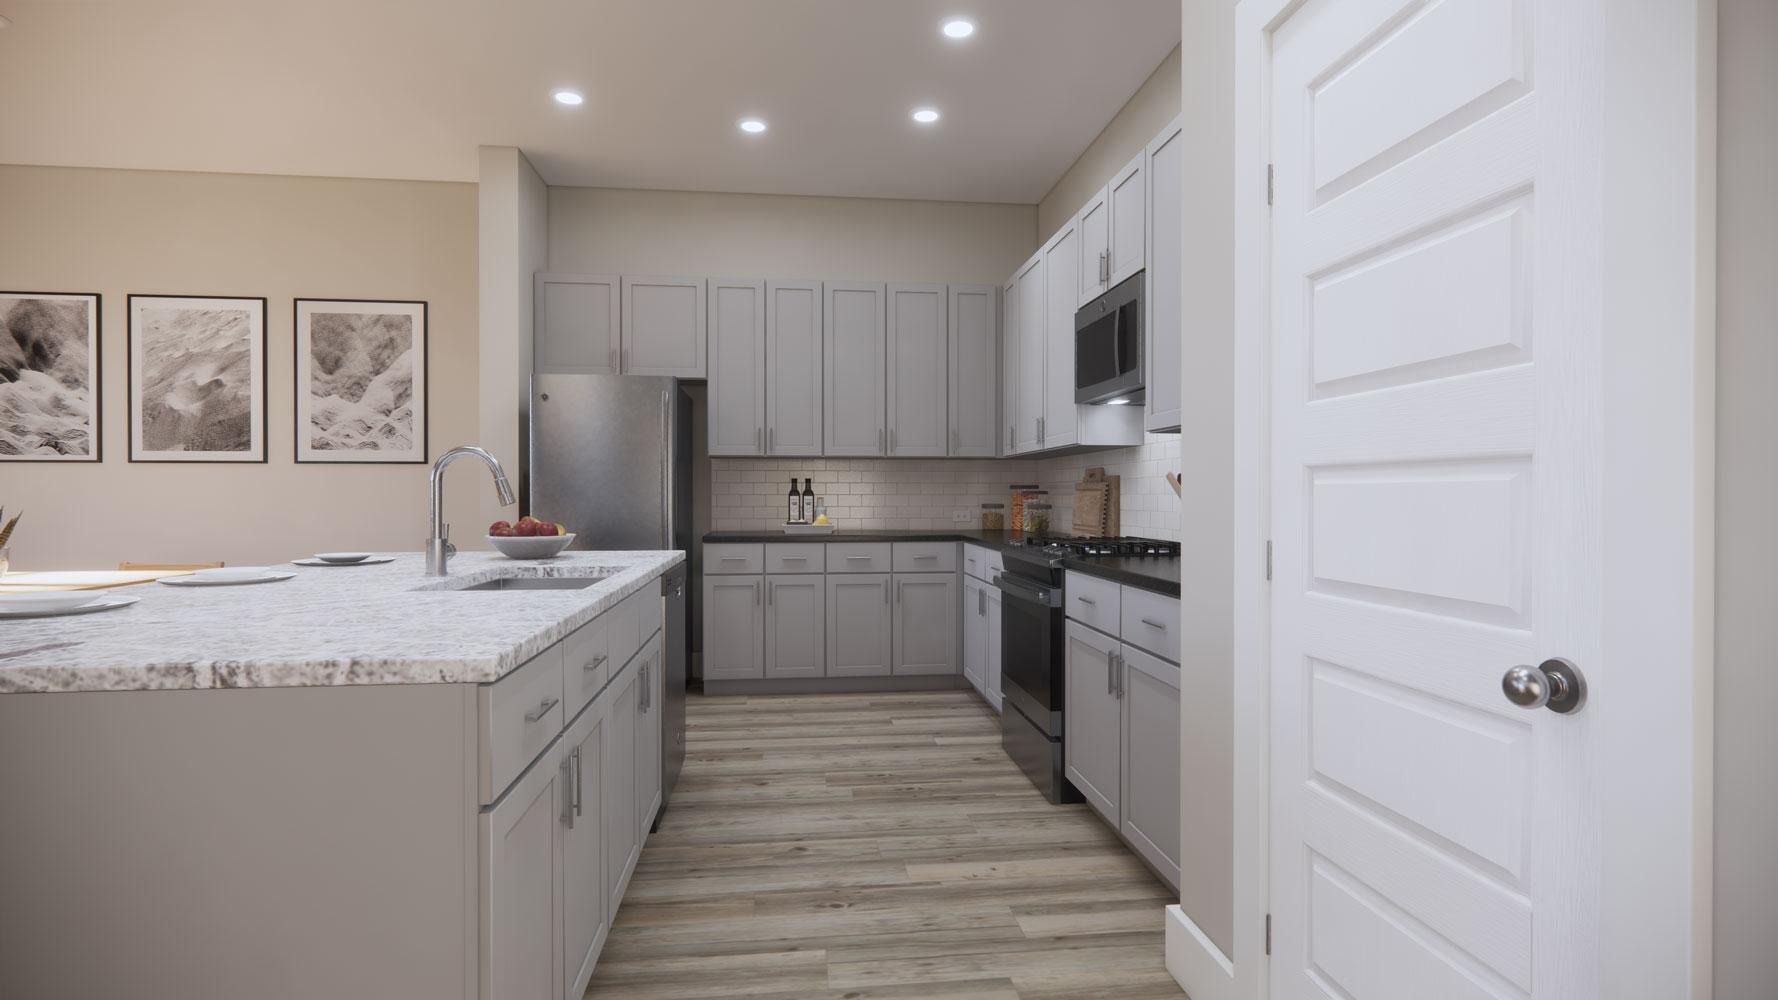 Kitchen with Storage Space at Echelon at Reverchon Bluffs in Dallas, Texas